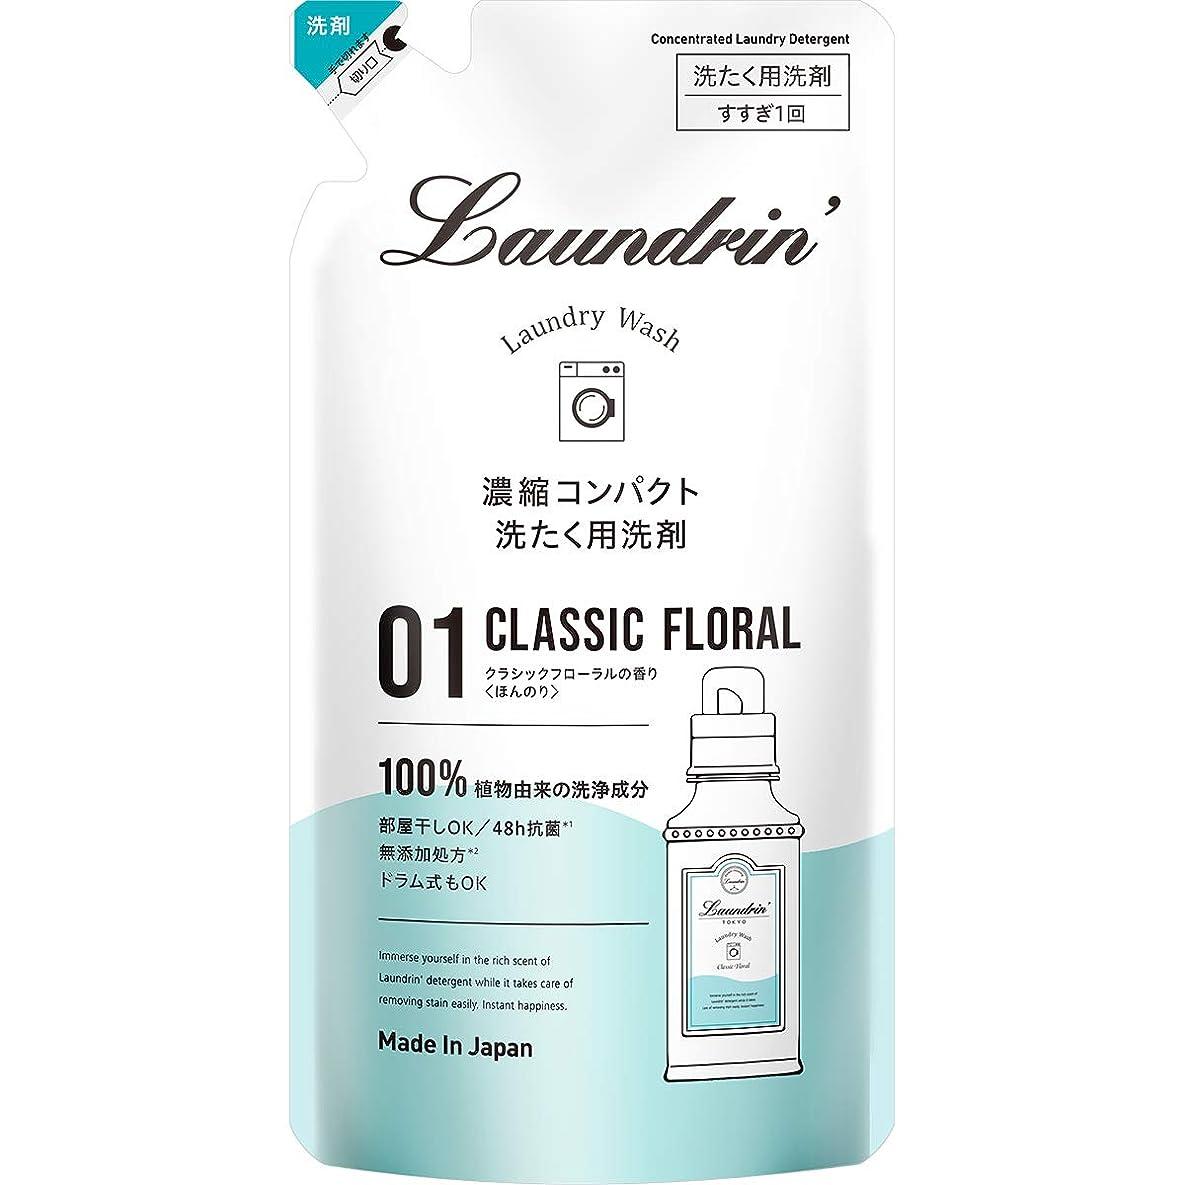 バングラデシュ壁紙異邦人ランドリン WASH 洗濯洗剤 濃縮液体 クラシックフローラル 詰め替え 360g